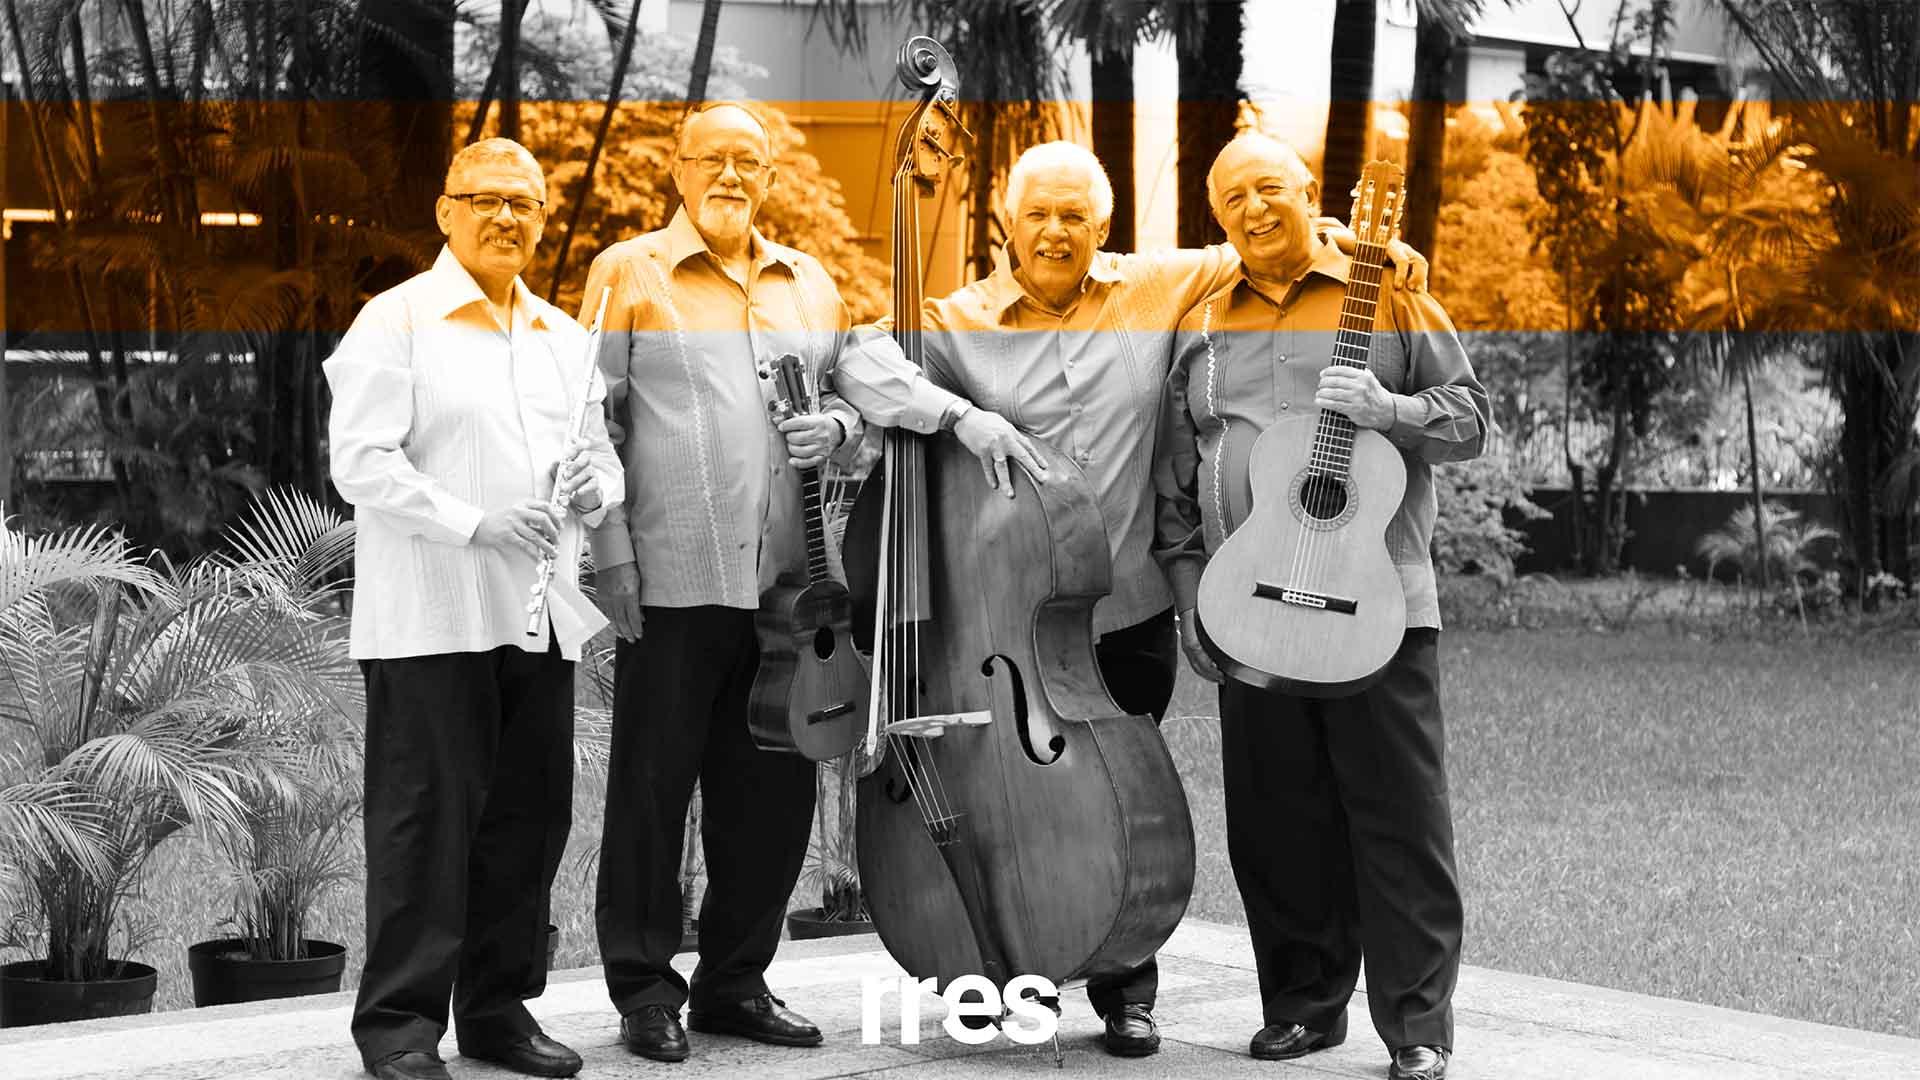 La voz aflautada de El Cuarteto, por Sebastián de la Nuez